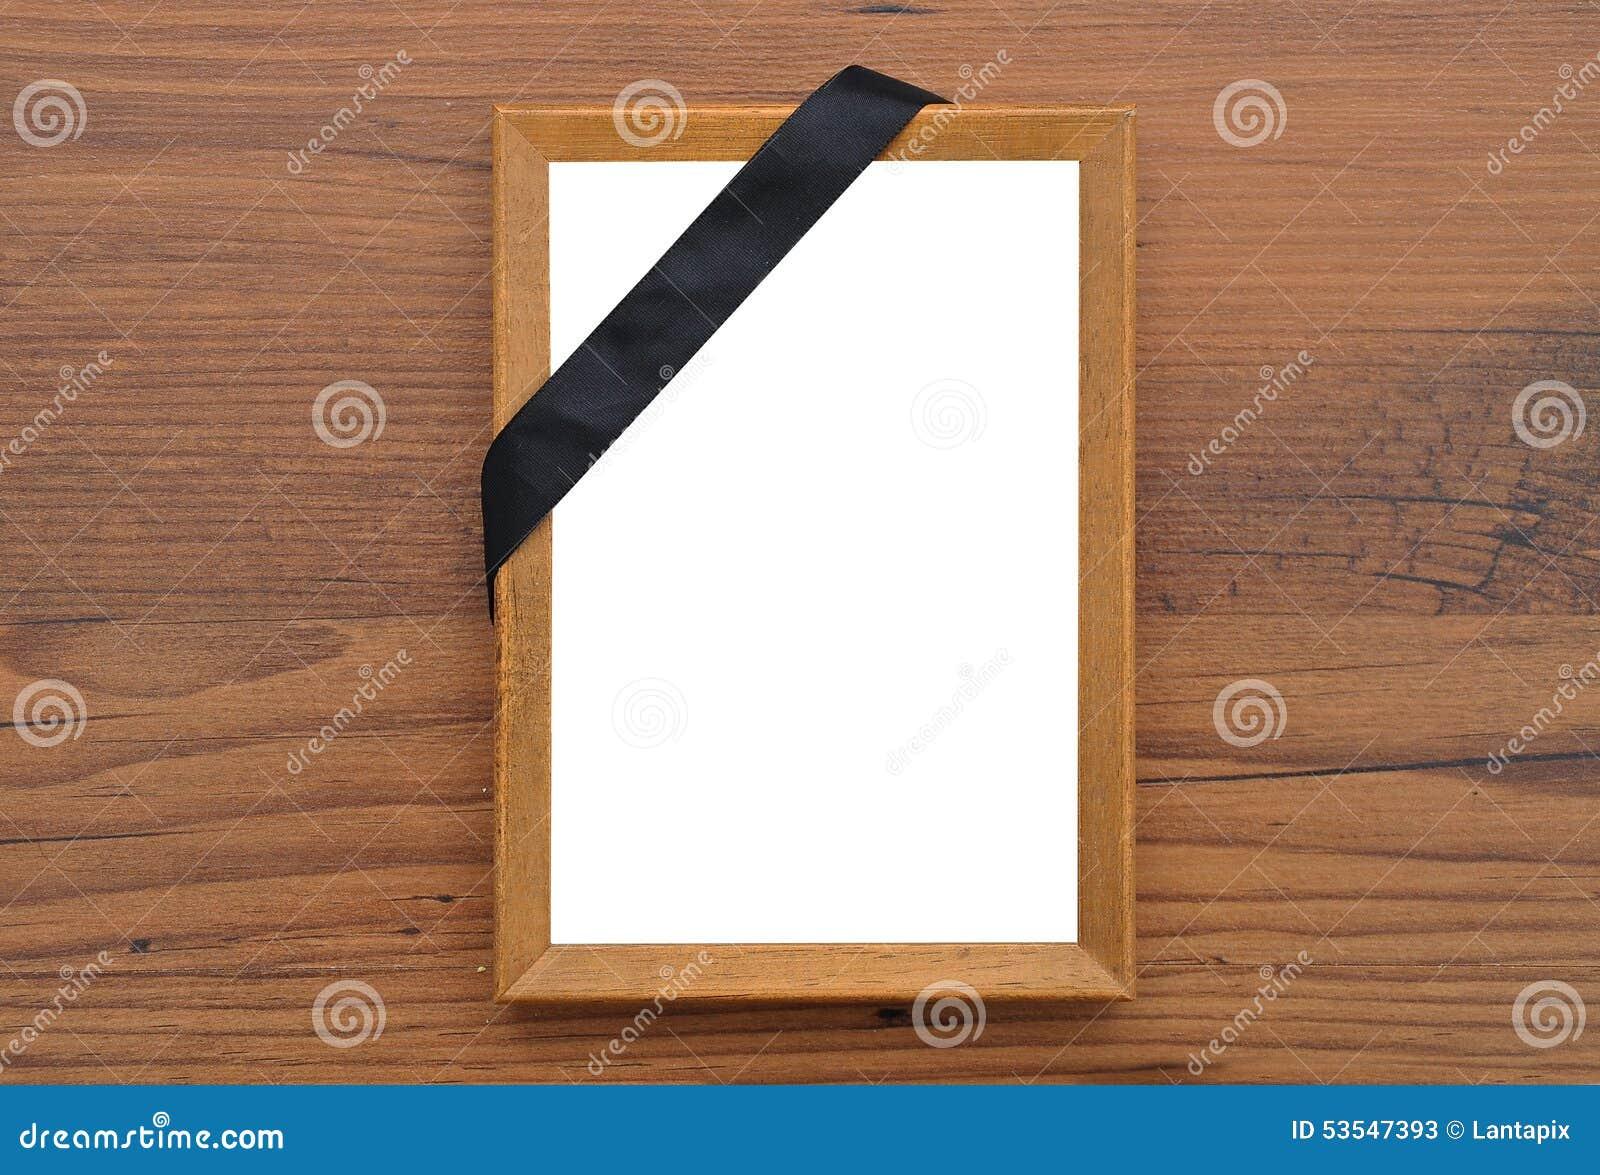 Cadre de tableau avec la bande de deuil photo stock - Image de cadre de tableau ...